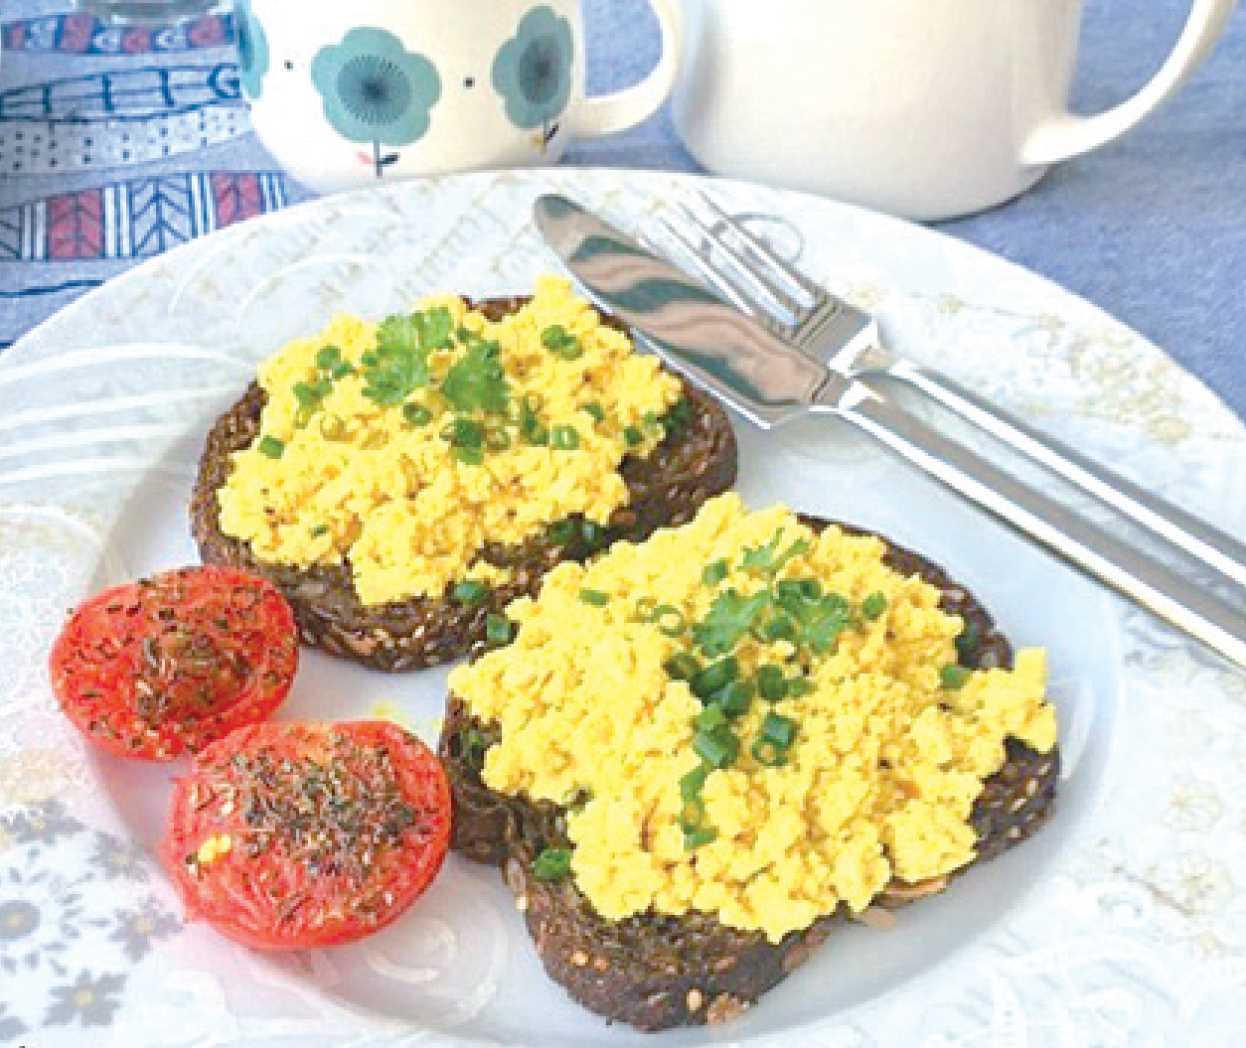 Inesperadas e innovadoras formas de cocinar huevos la tarde for Maneras de cocinar huevo